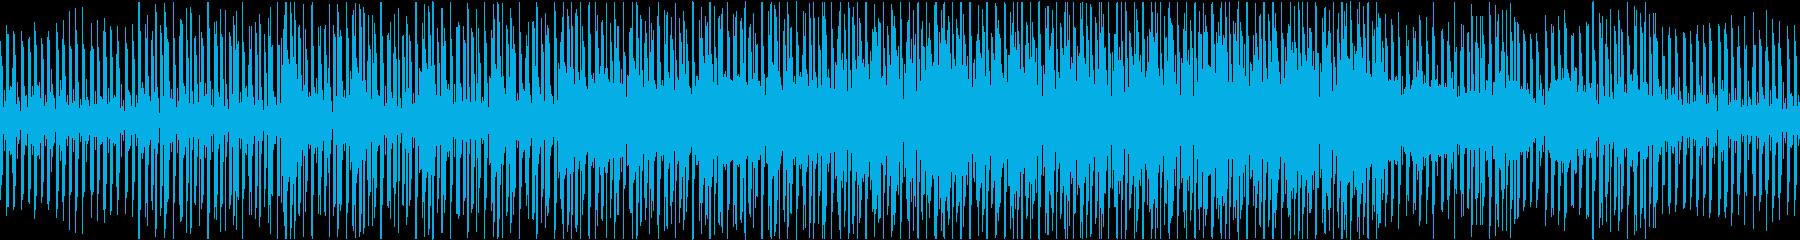 クールで落ち着いたチュートリアル_ループの再生済みの波形